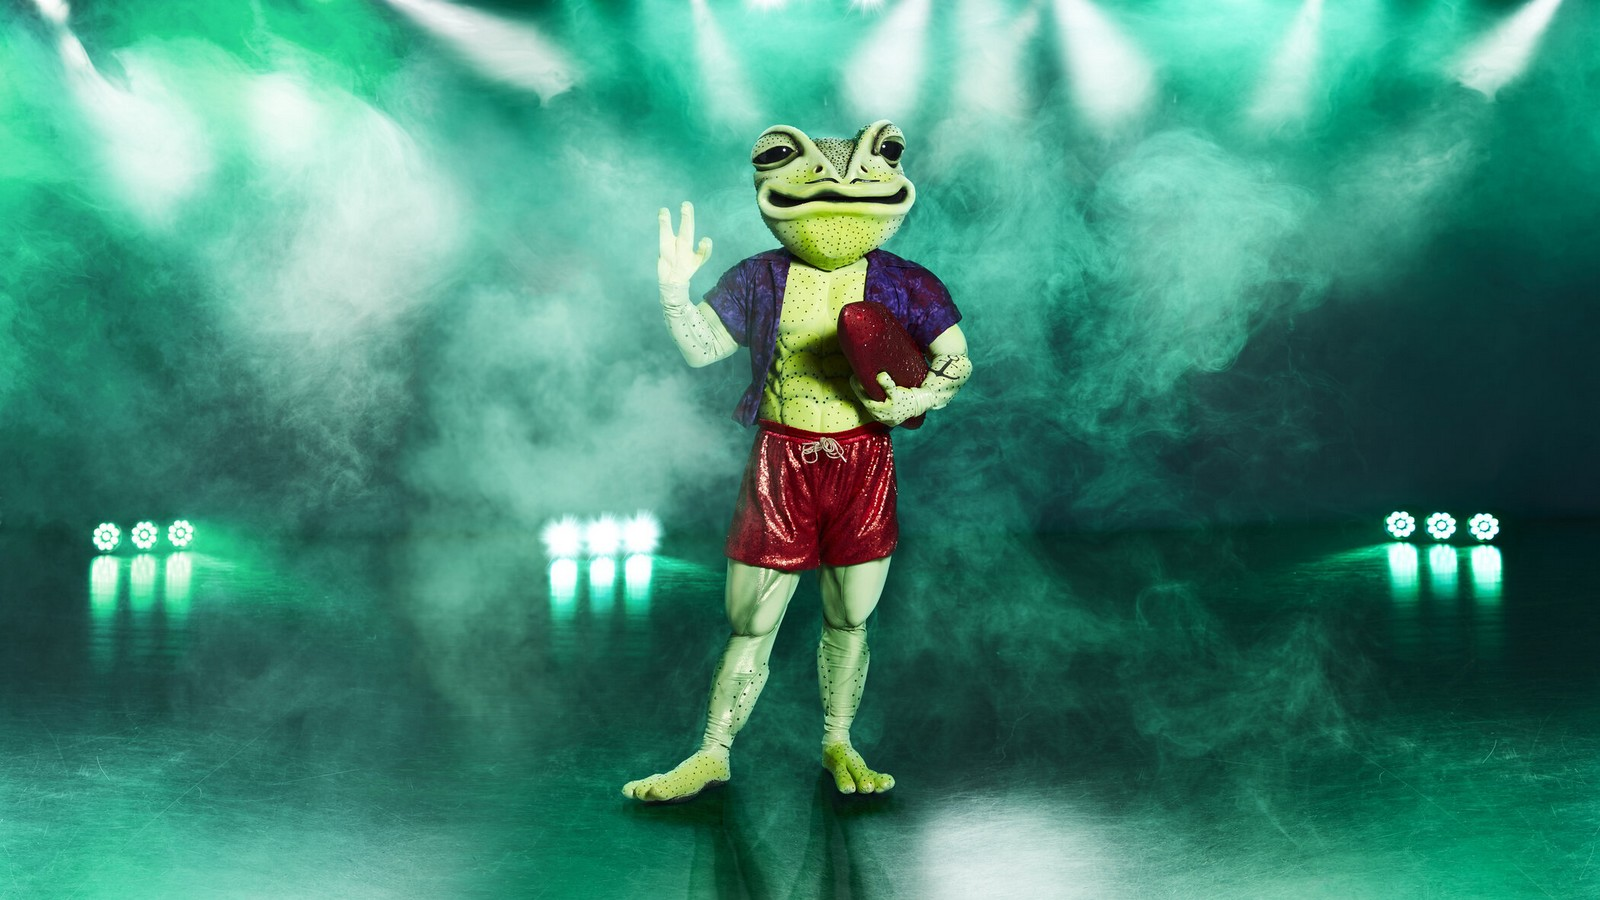 Der Frosch bei